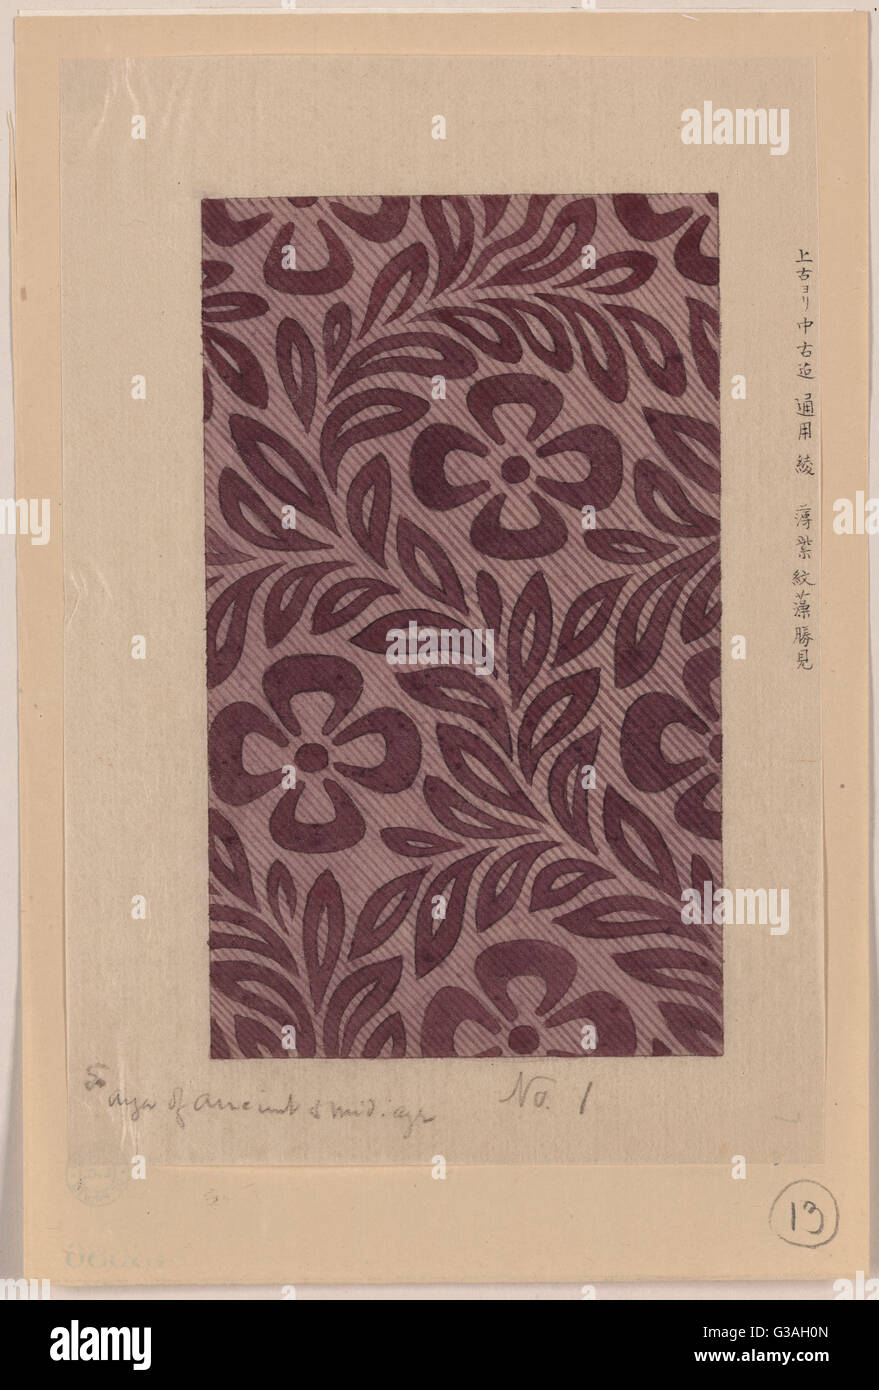 Le design textile avec motif de fleurs. Date 1878?. Photo Stock